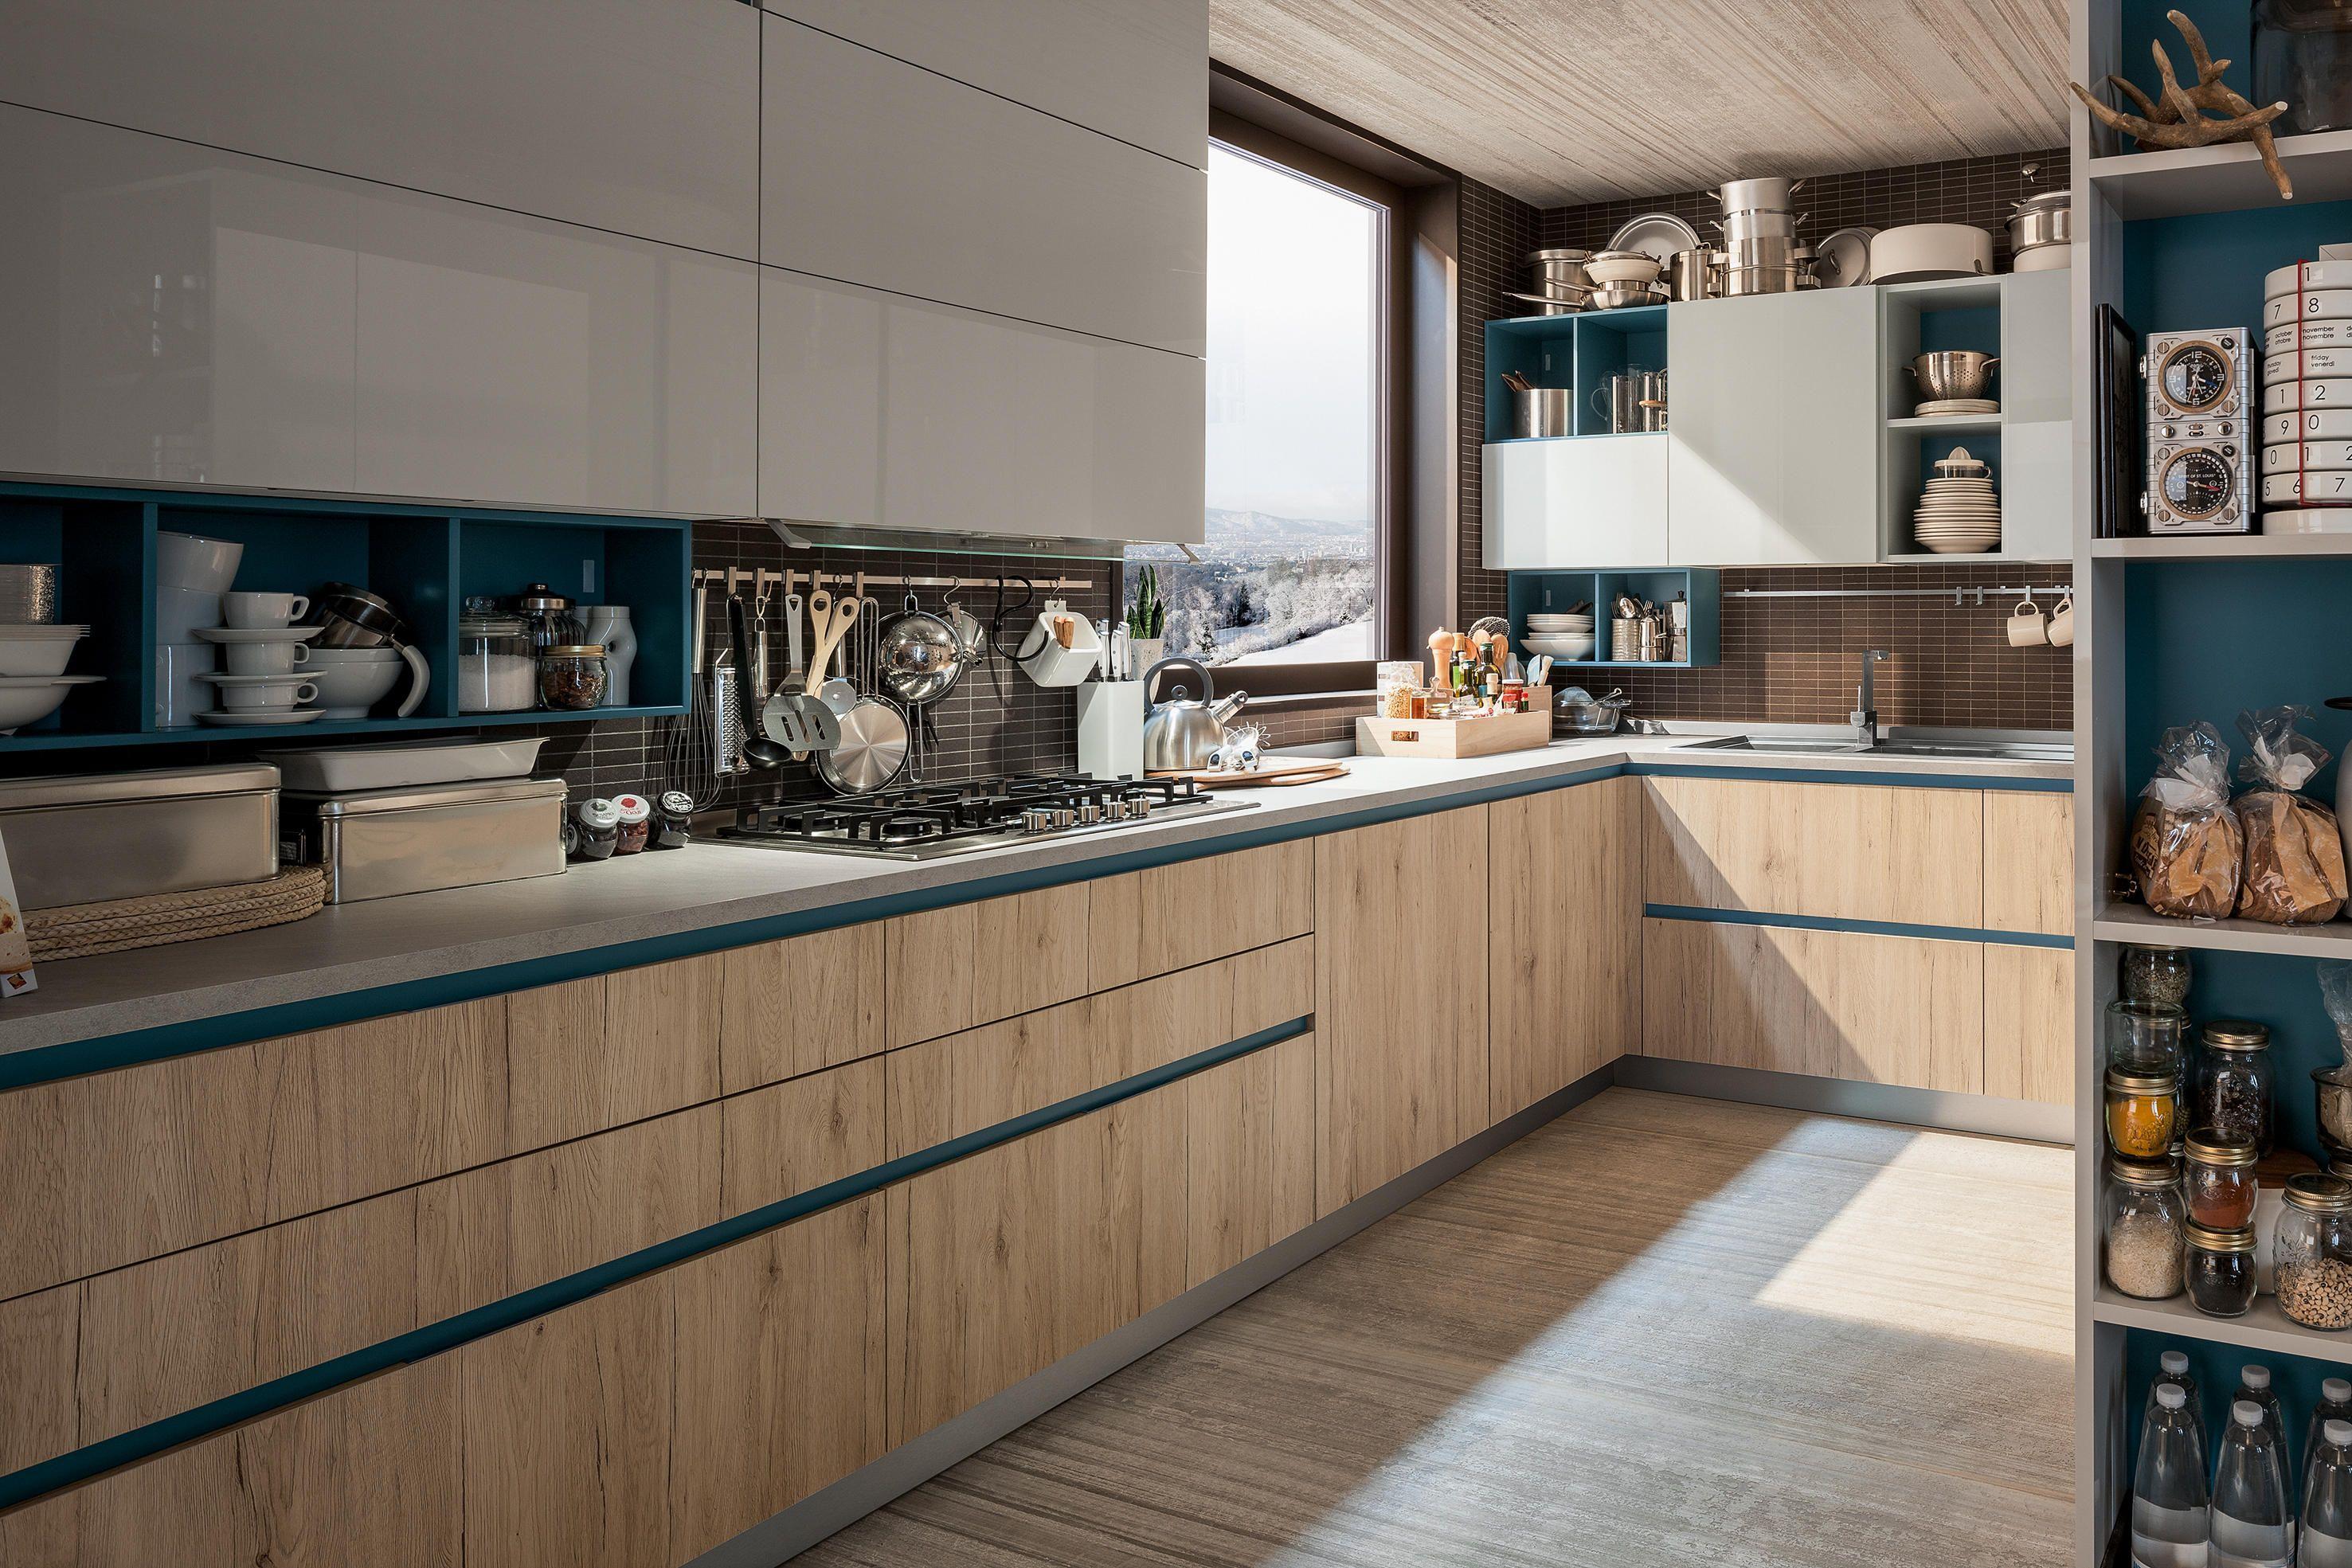 Classifica Cucine Qualità Prezzo veneta cucine opinioni 2020